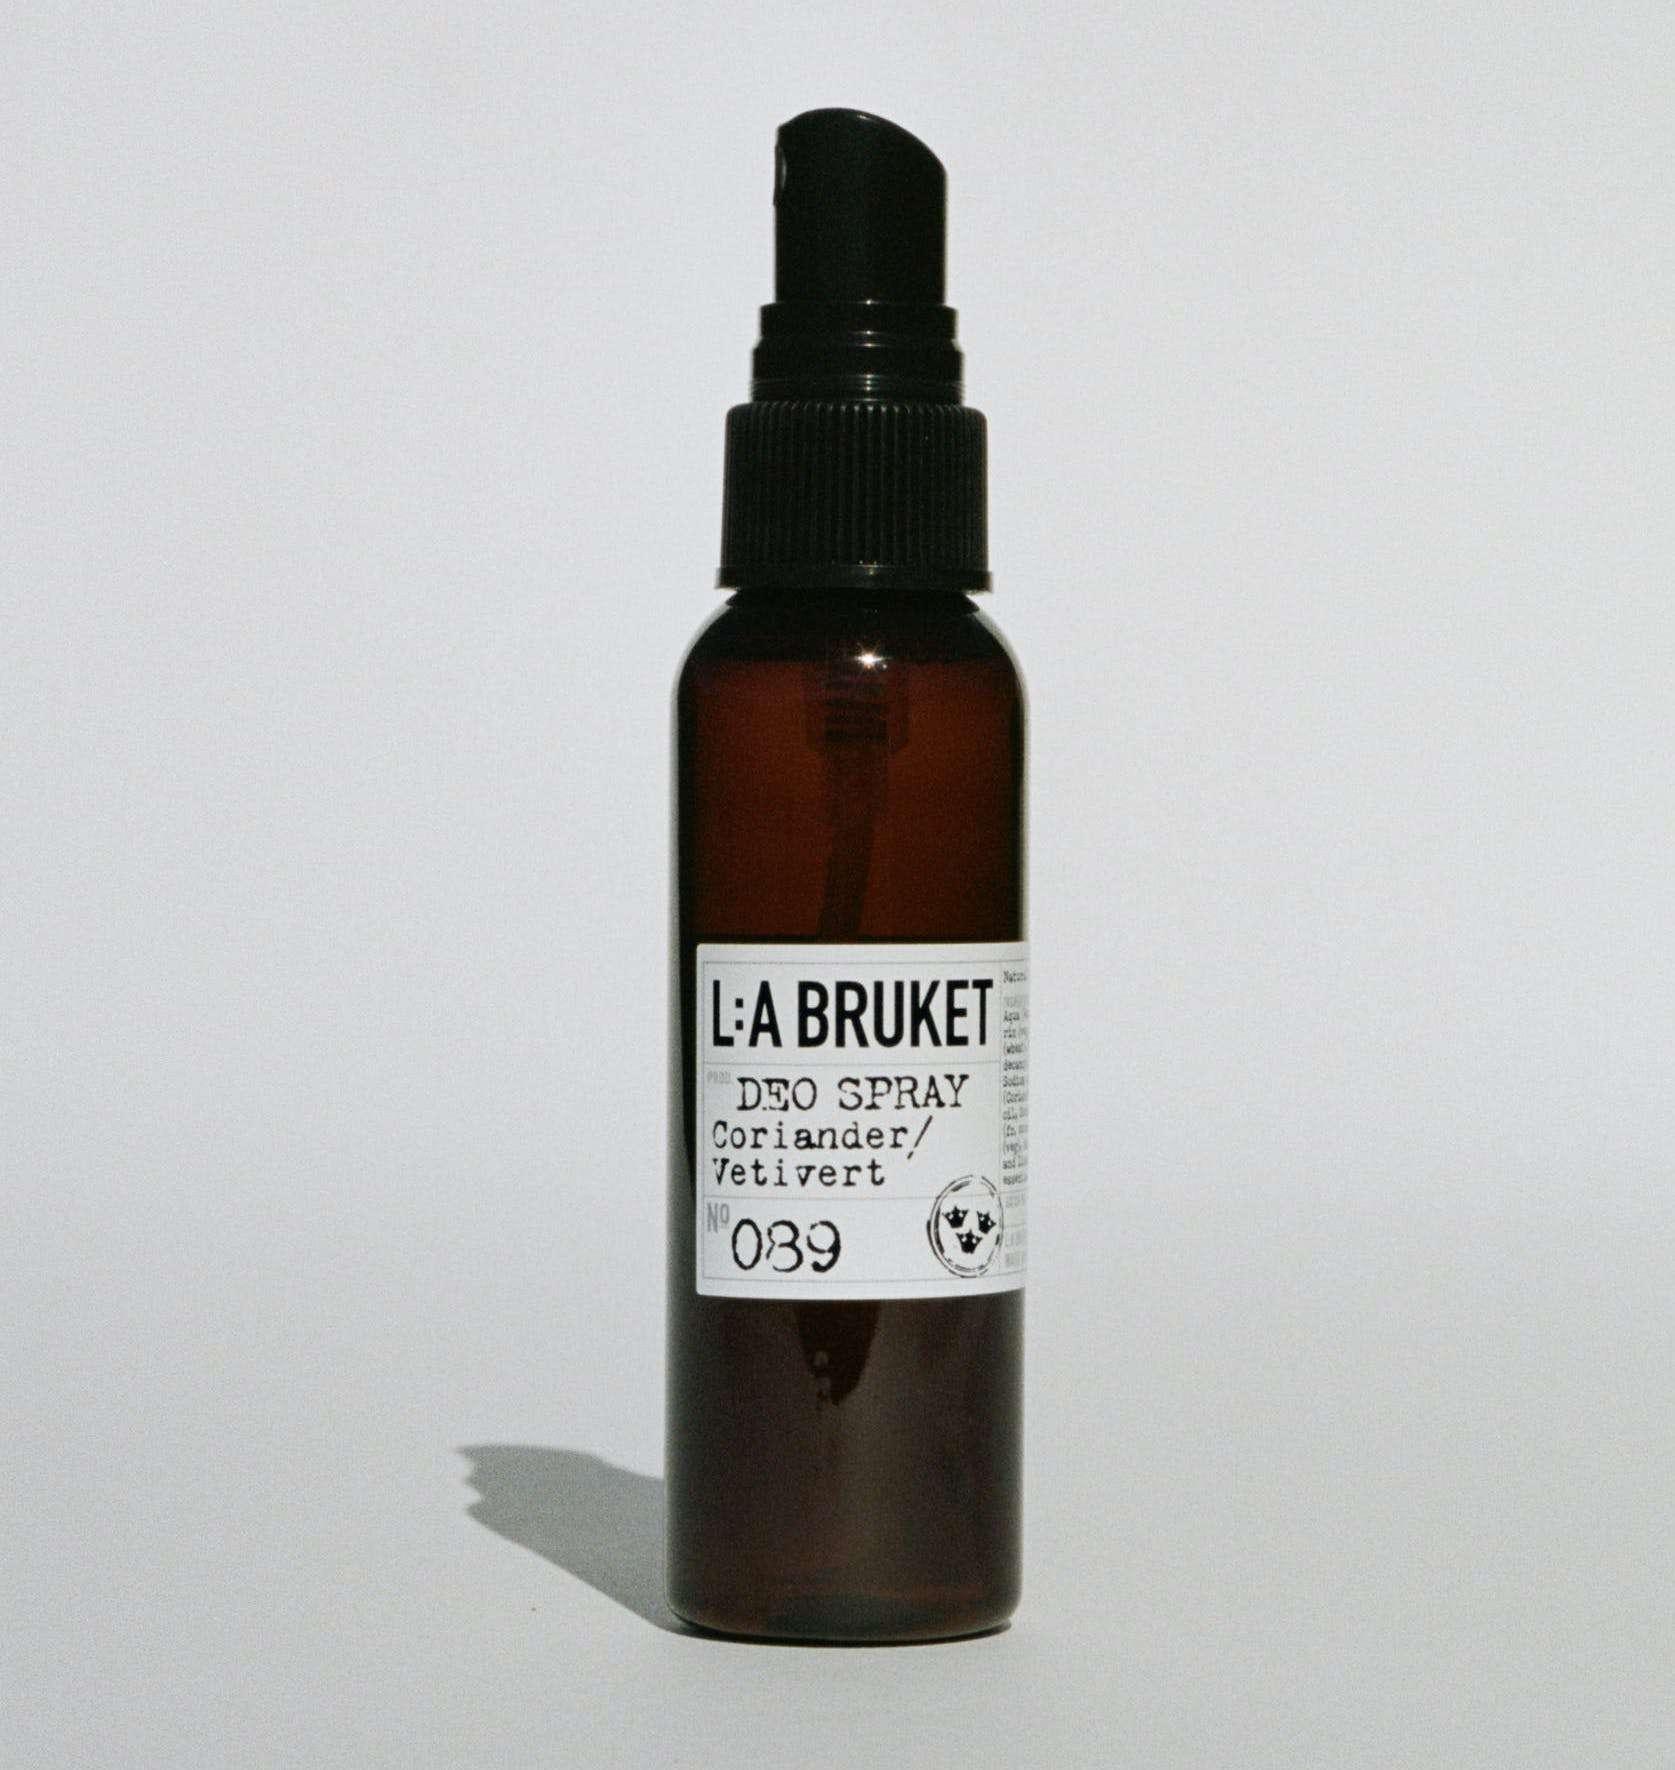 L:A Bruket Deo Spray